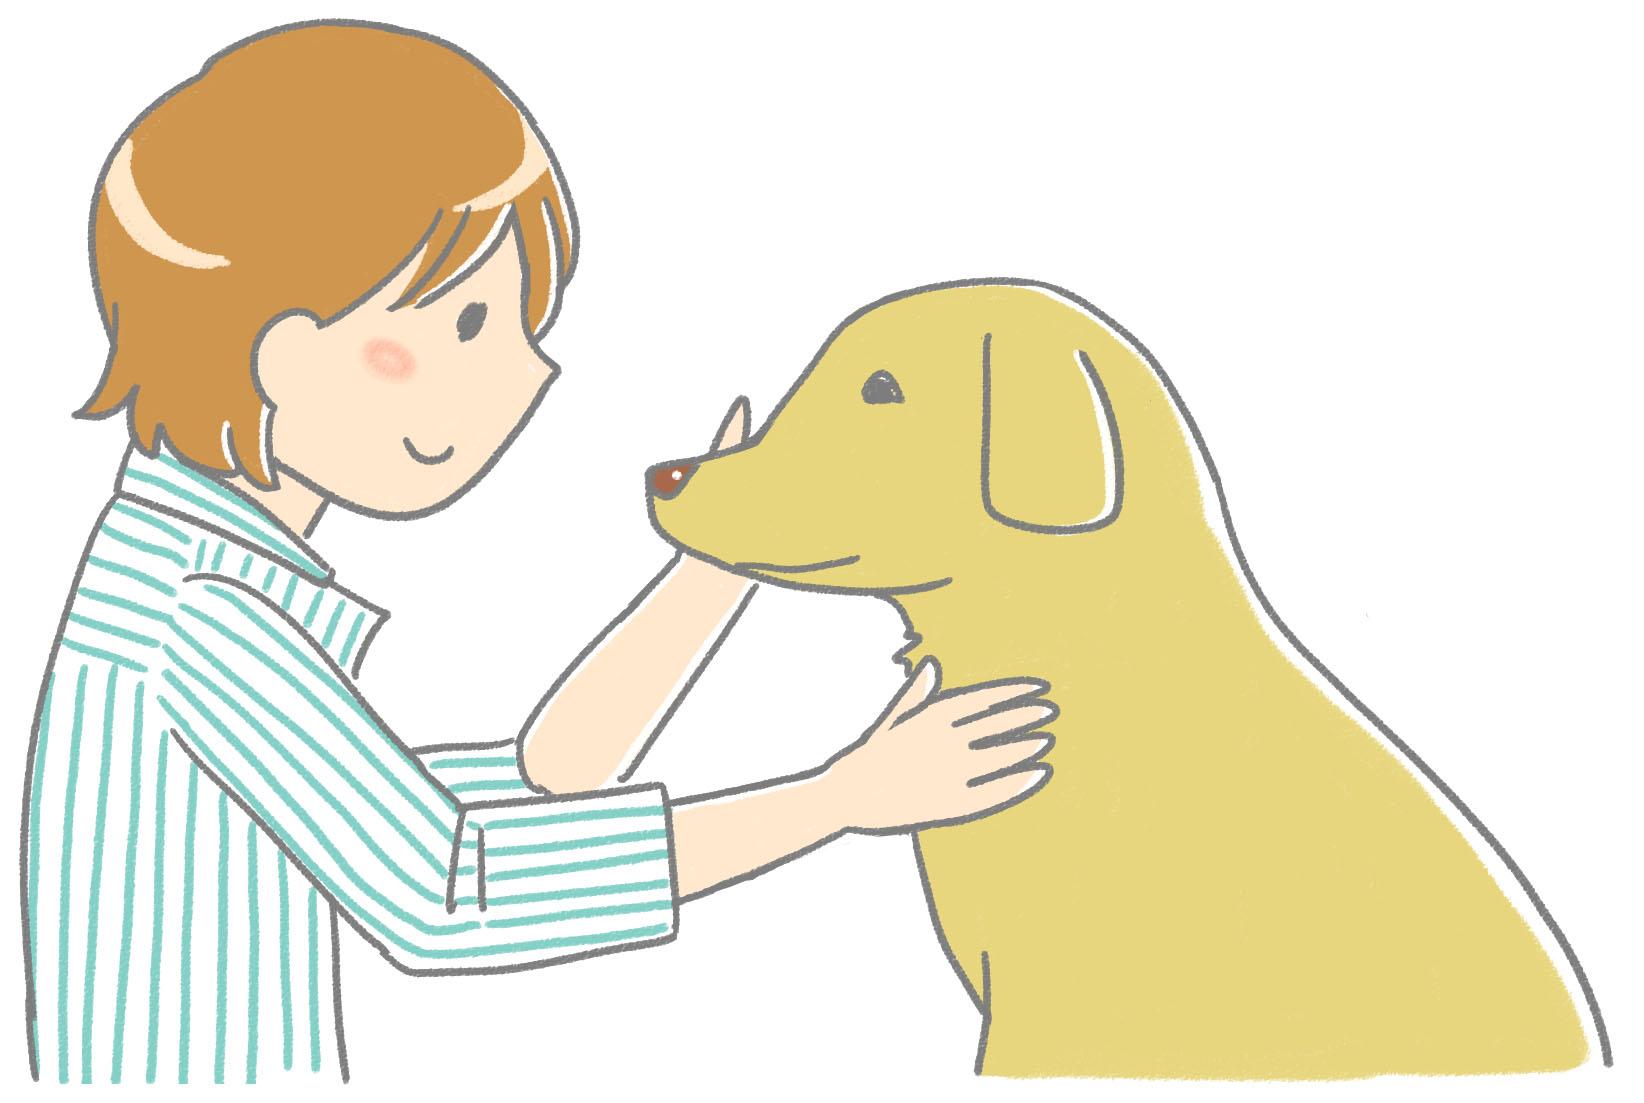 犬の手書きイラスト フリー素材   flat design::